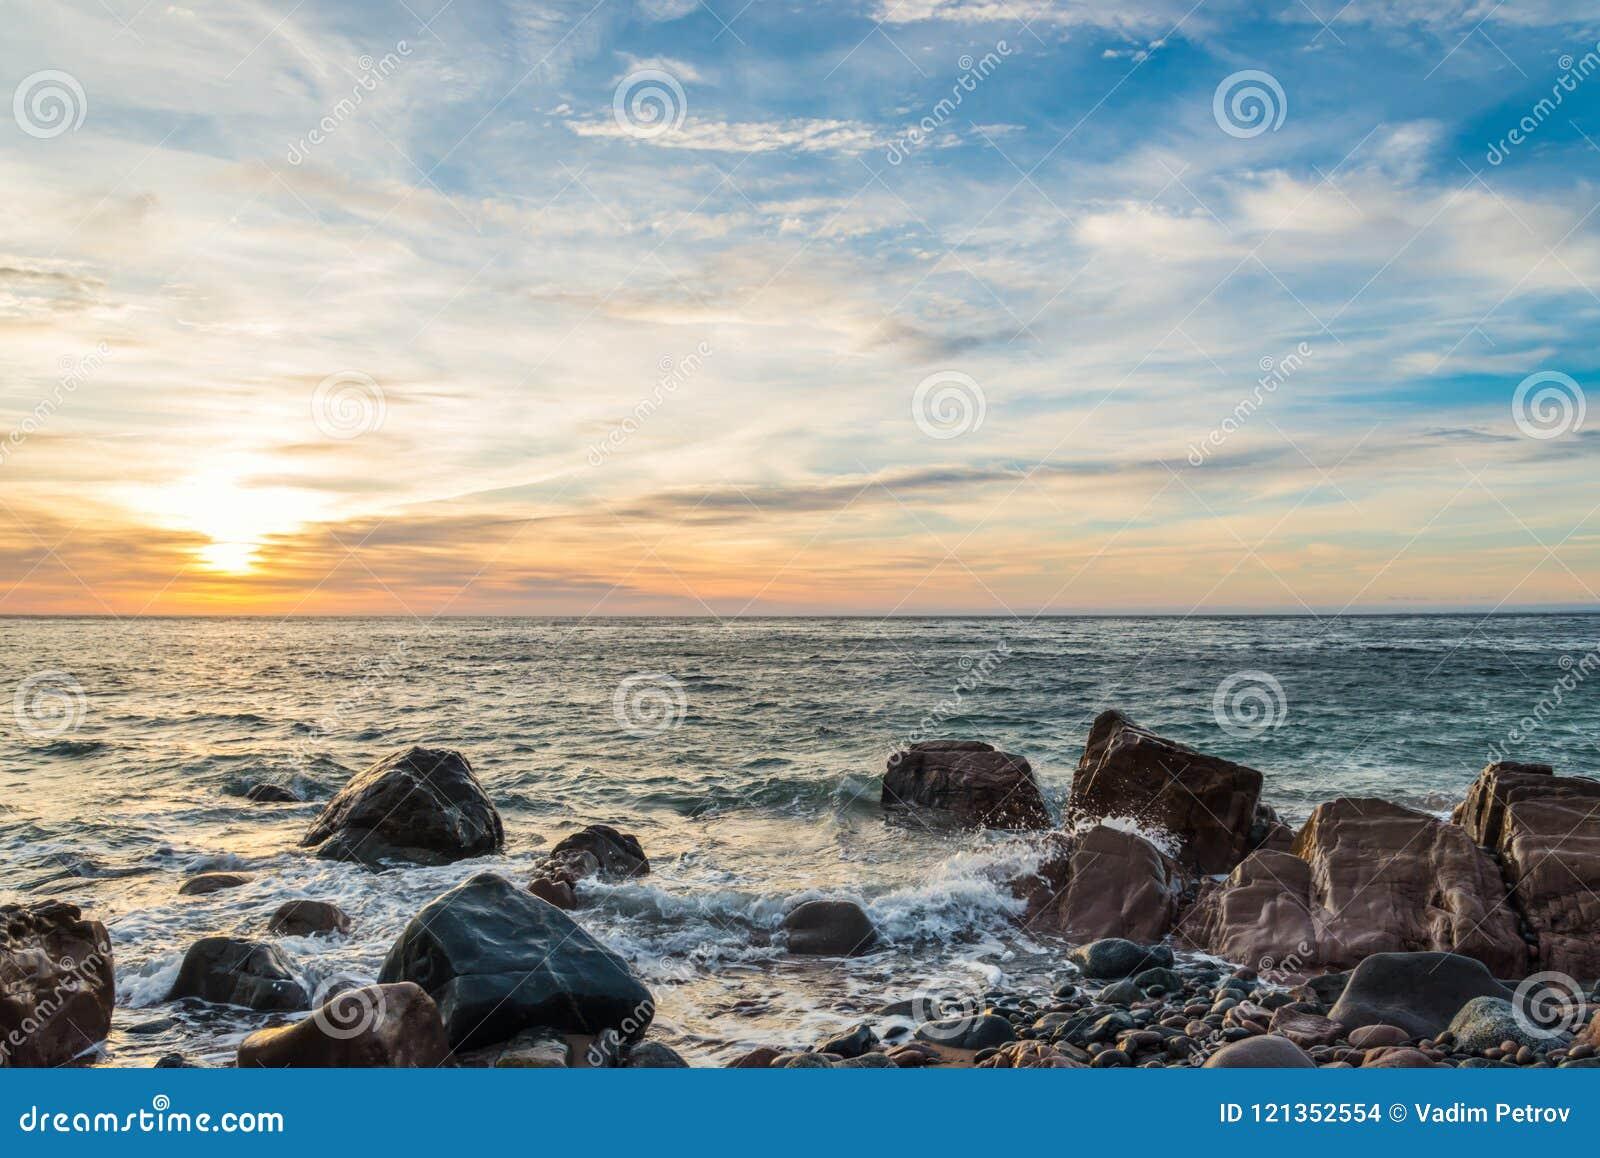 Oceaankust bij zonsopgang